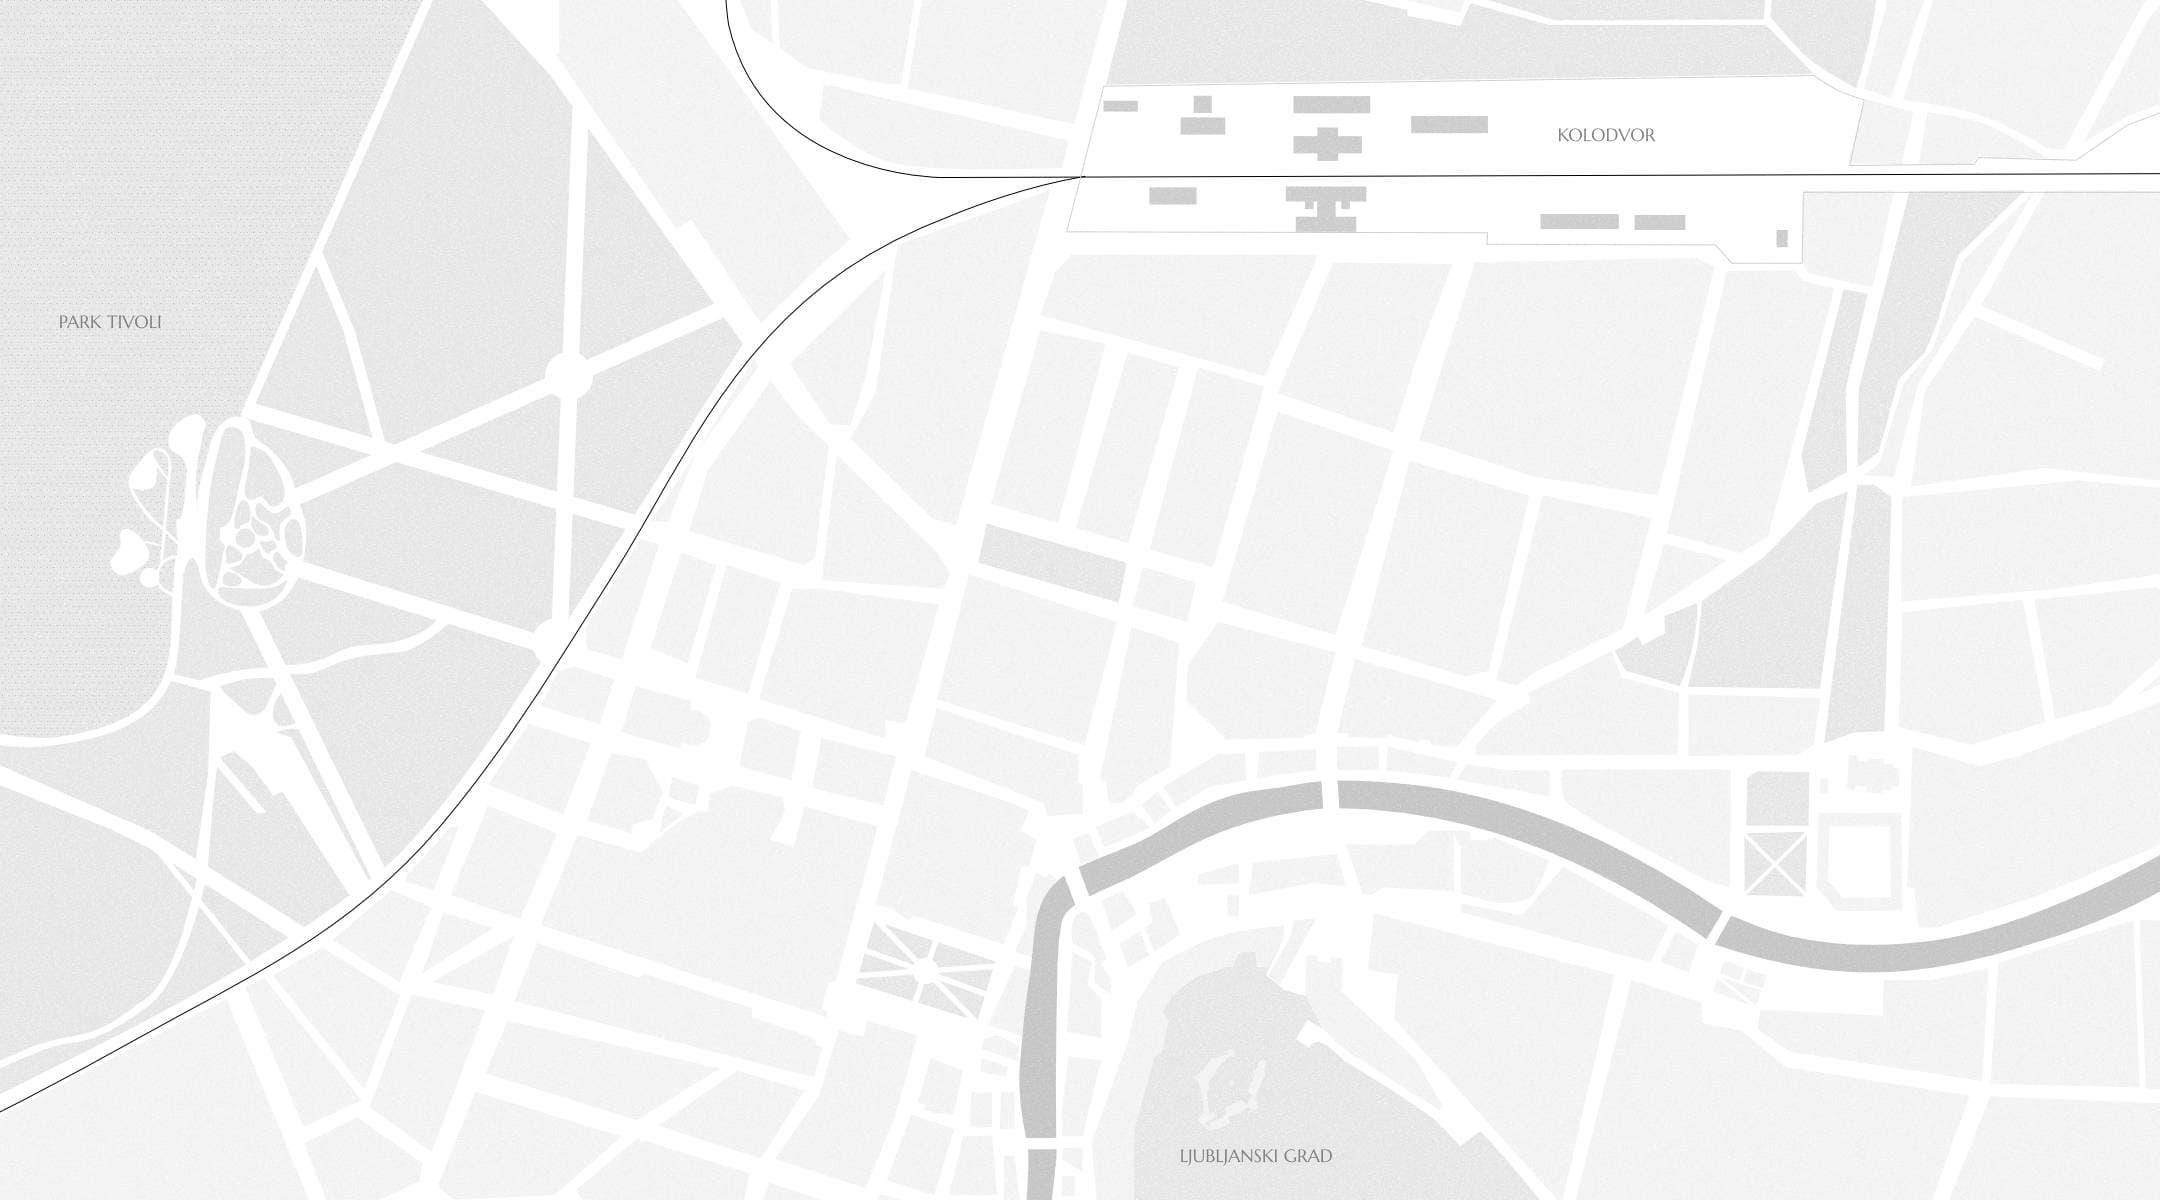 Zemljevid Ljubljane